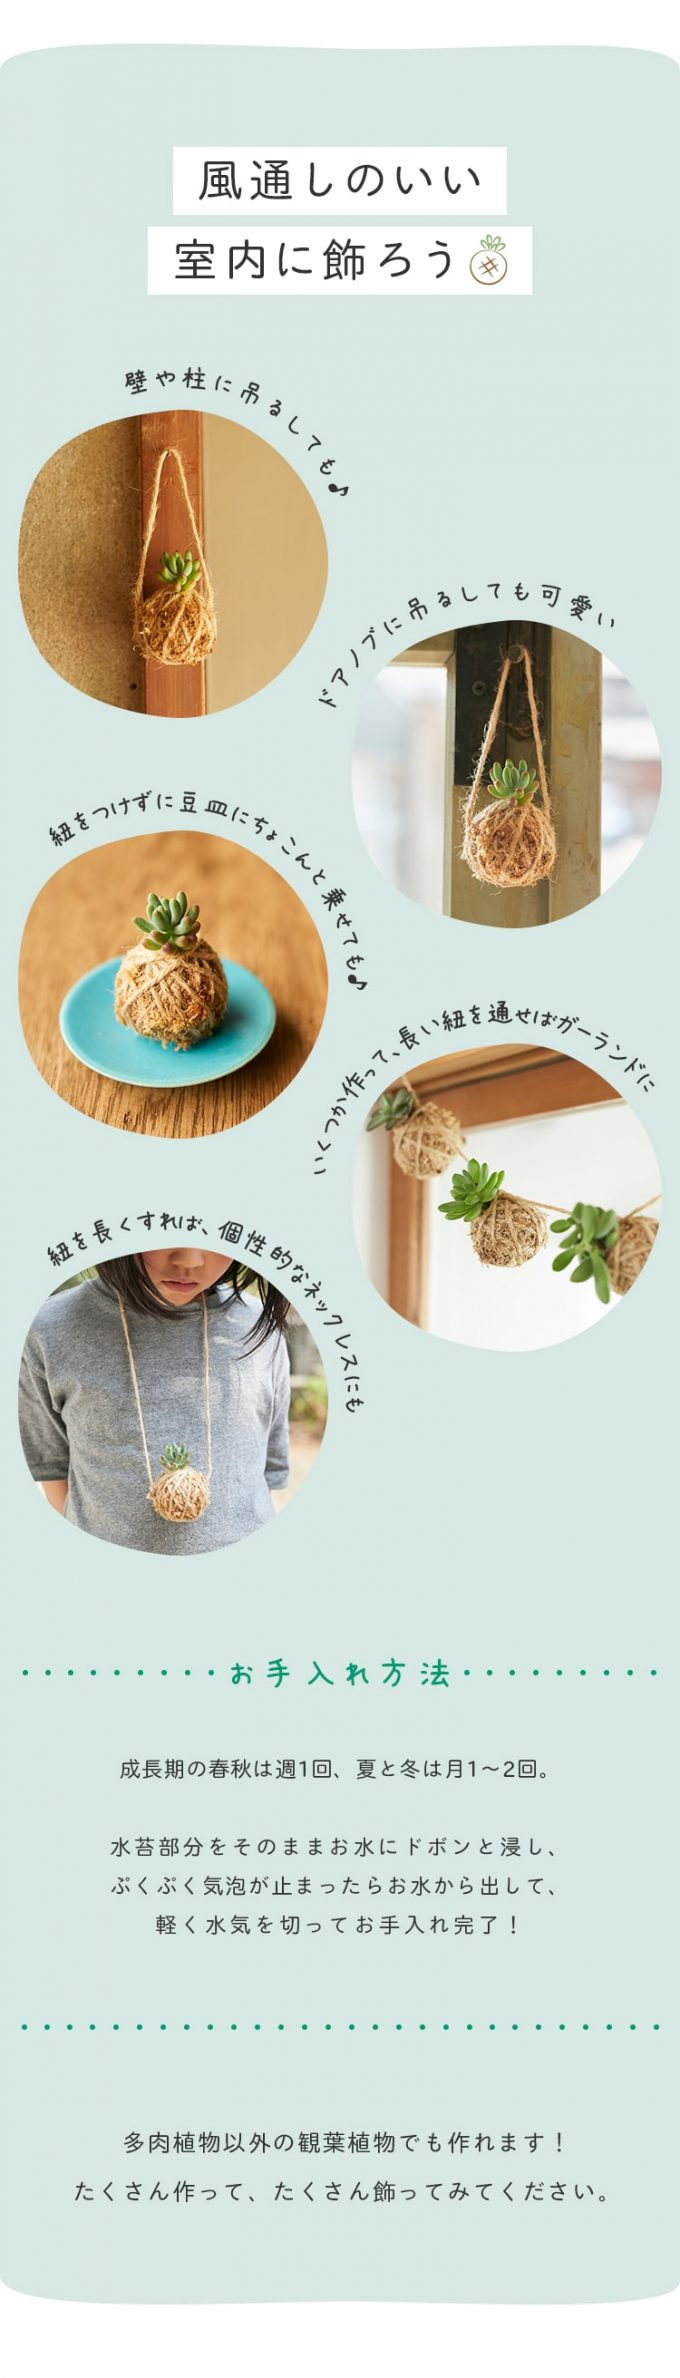 「多肉植物の苔玉」の飾り方アイデア